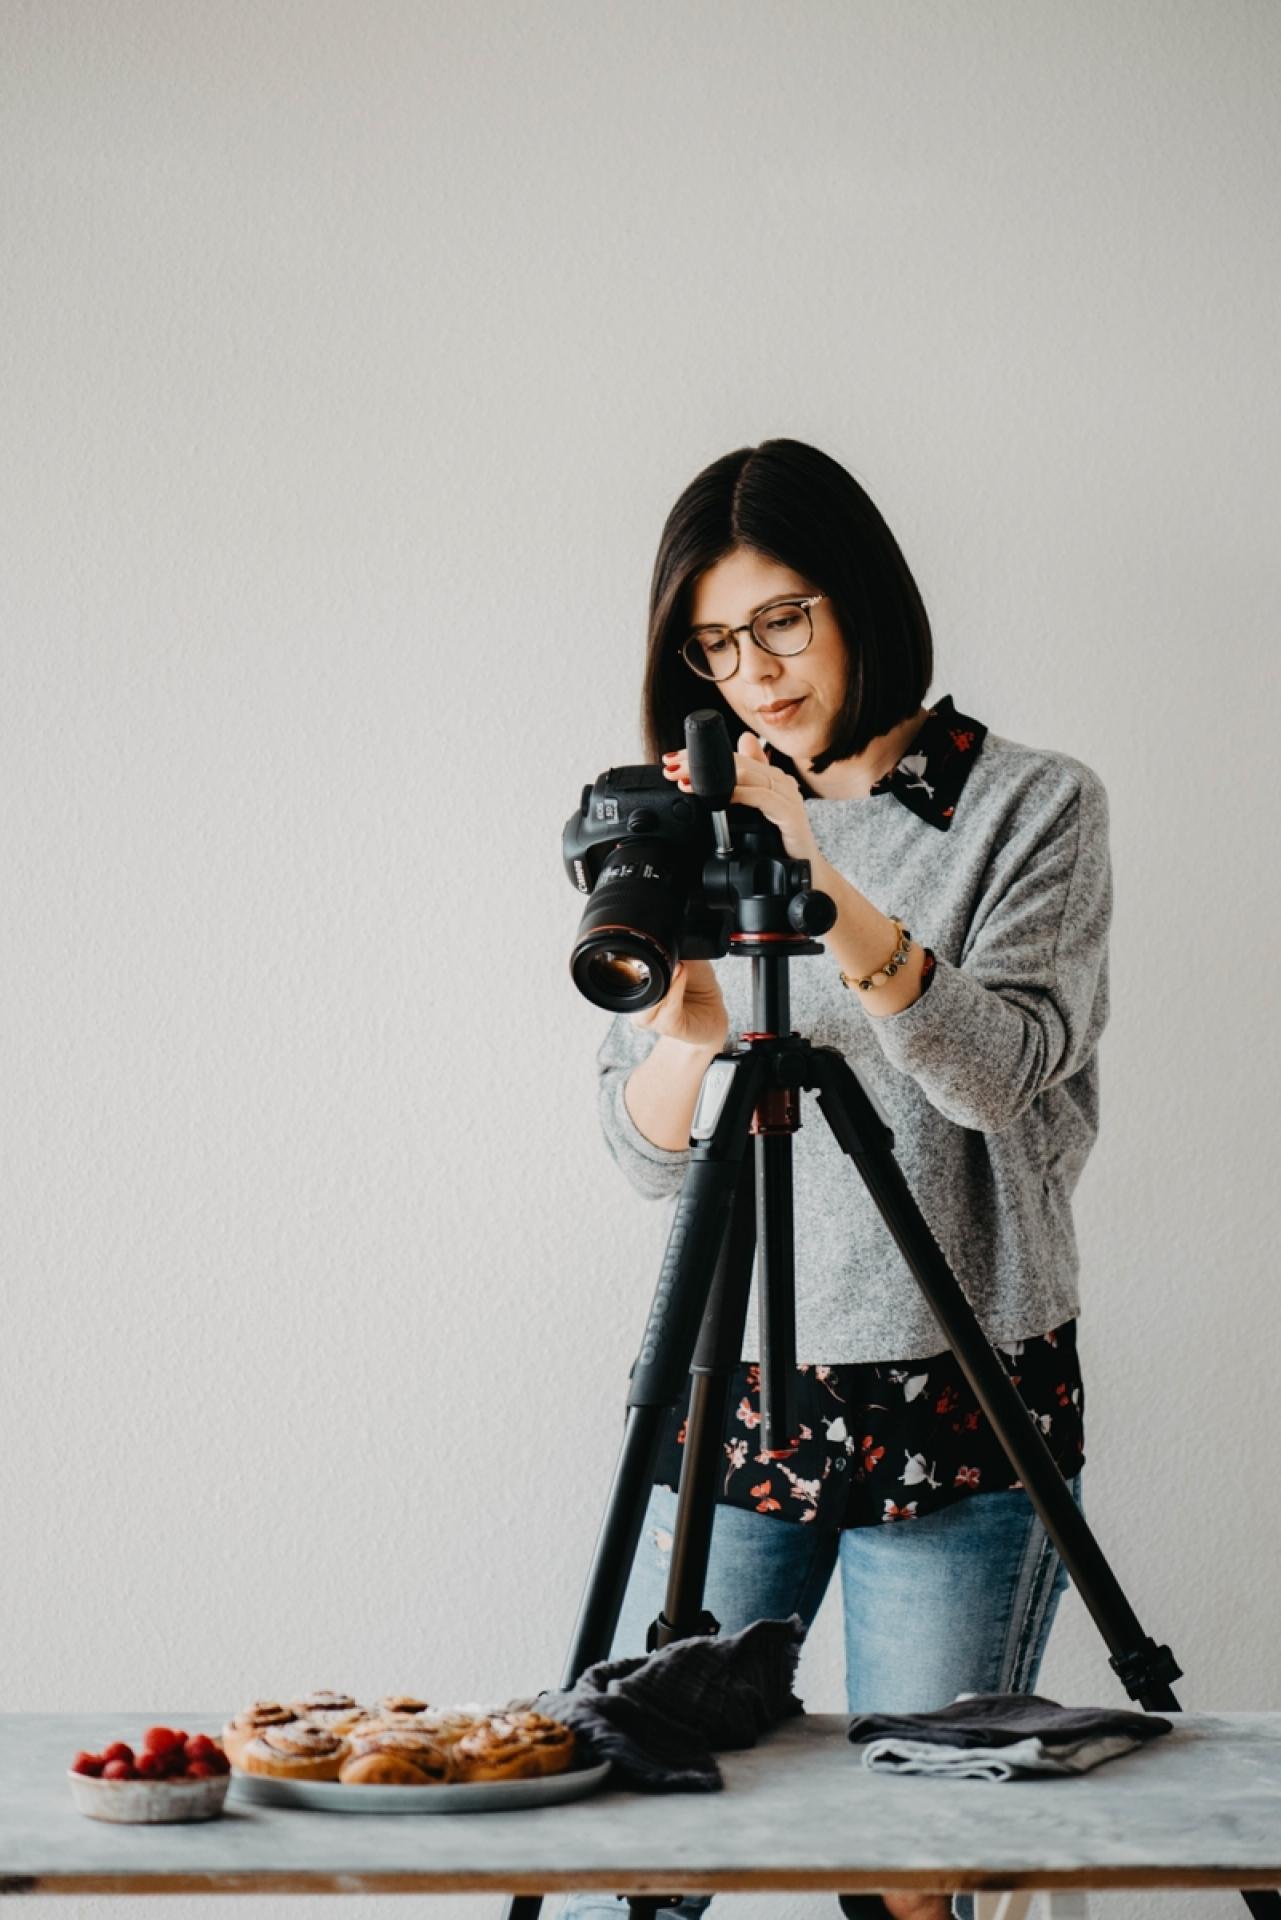 Foodfotografie mit Maria Panzer in Hamburg - Canon Academy Grundlagen